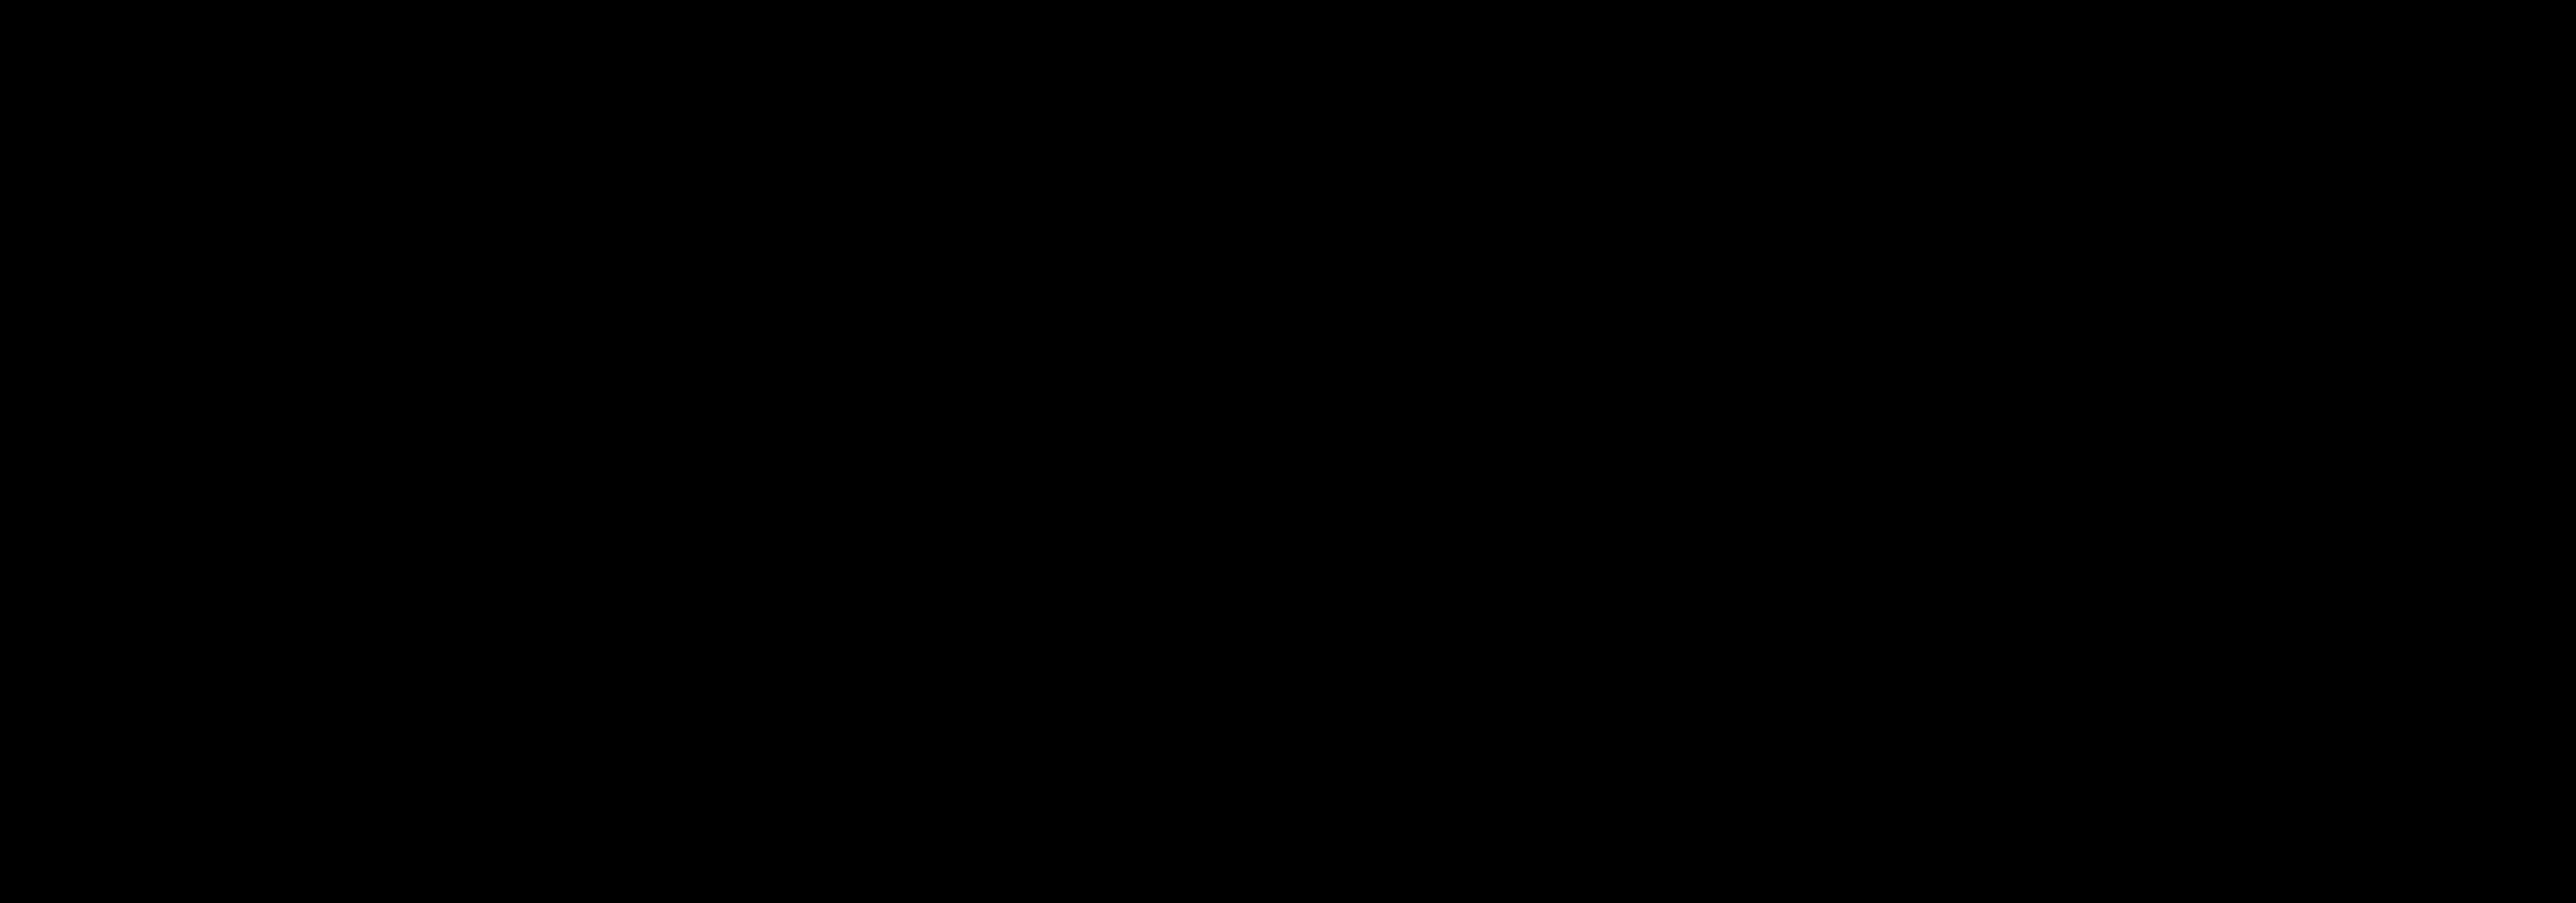 ufc logo 1 1 - UFC Logo